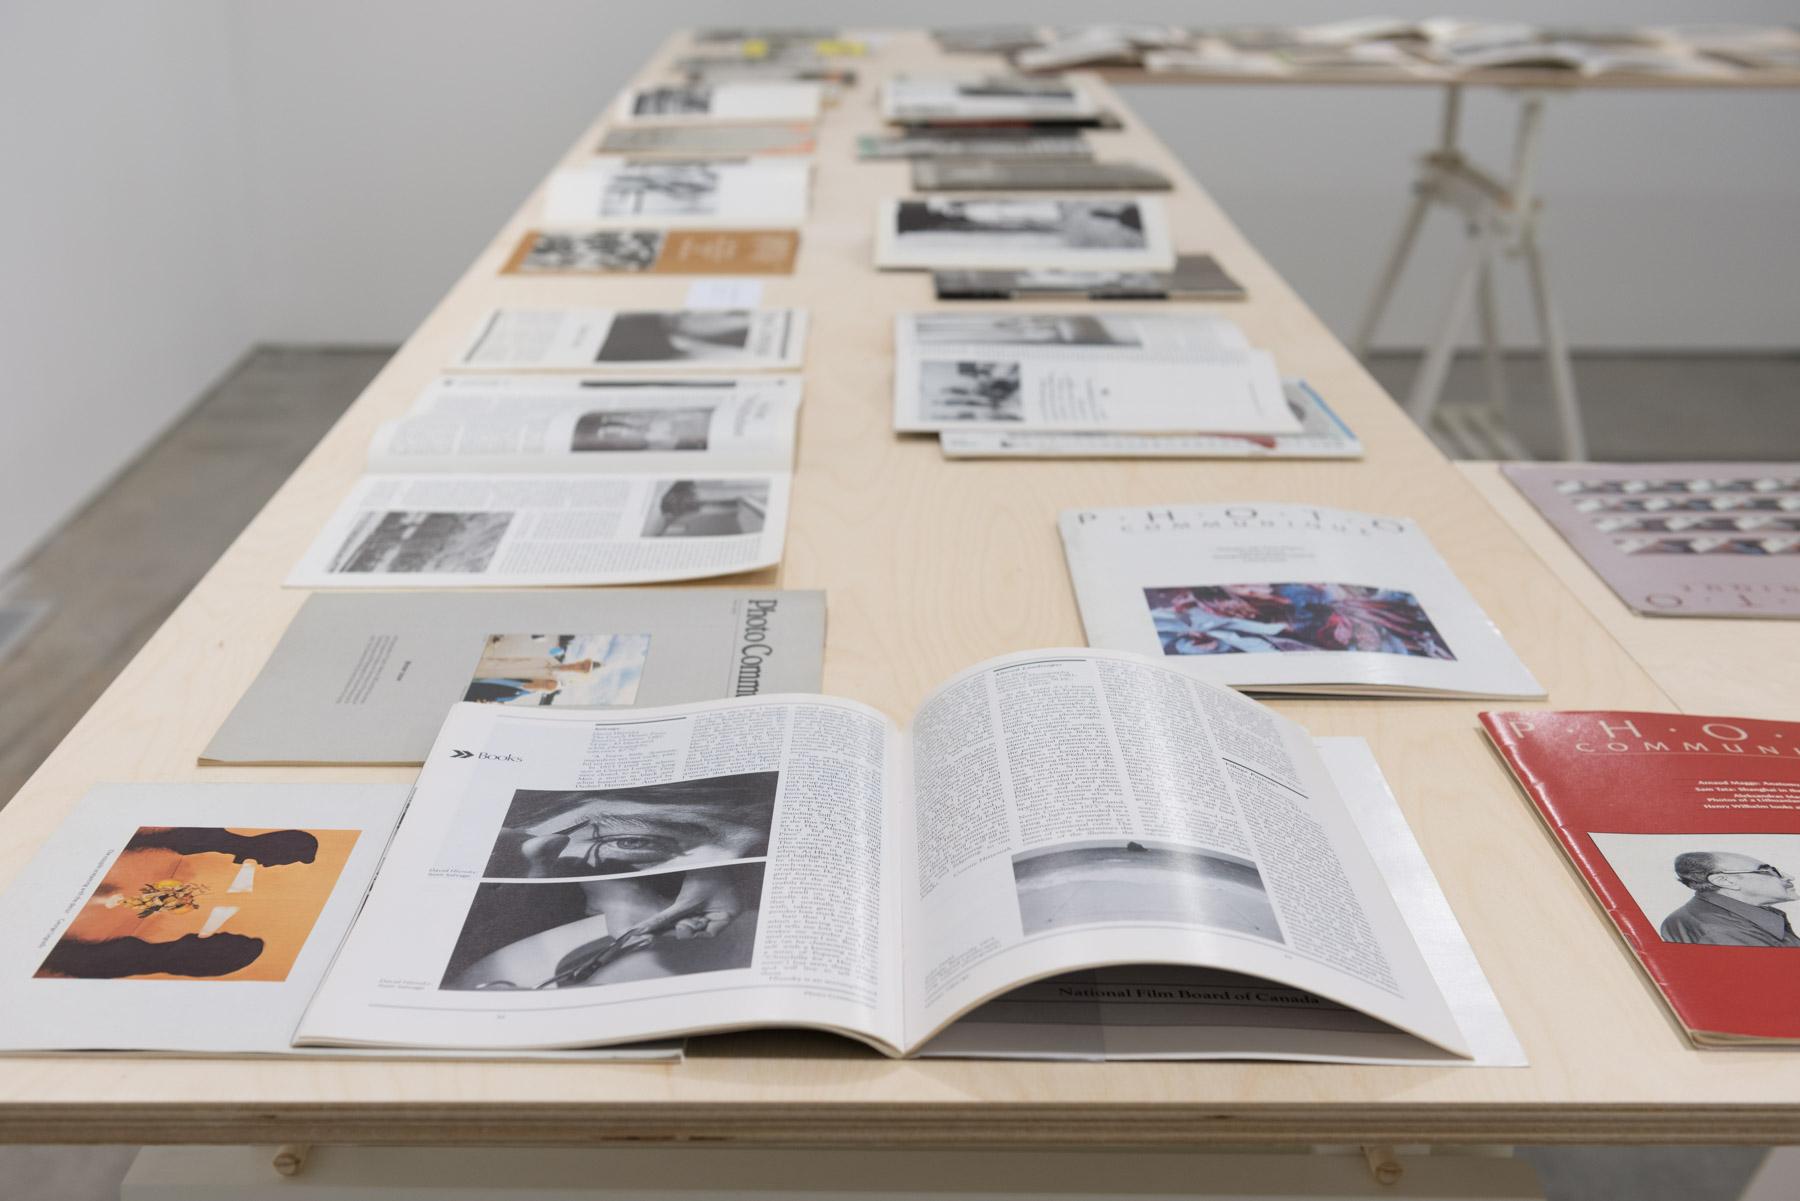 Magazines photographiques canadiens, 1970-1990 : Reconsidération d'une histoire de la photographie imprimée